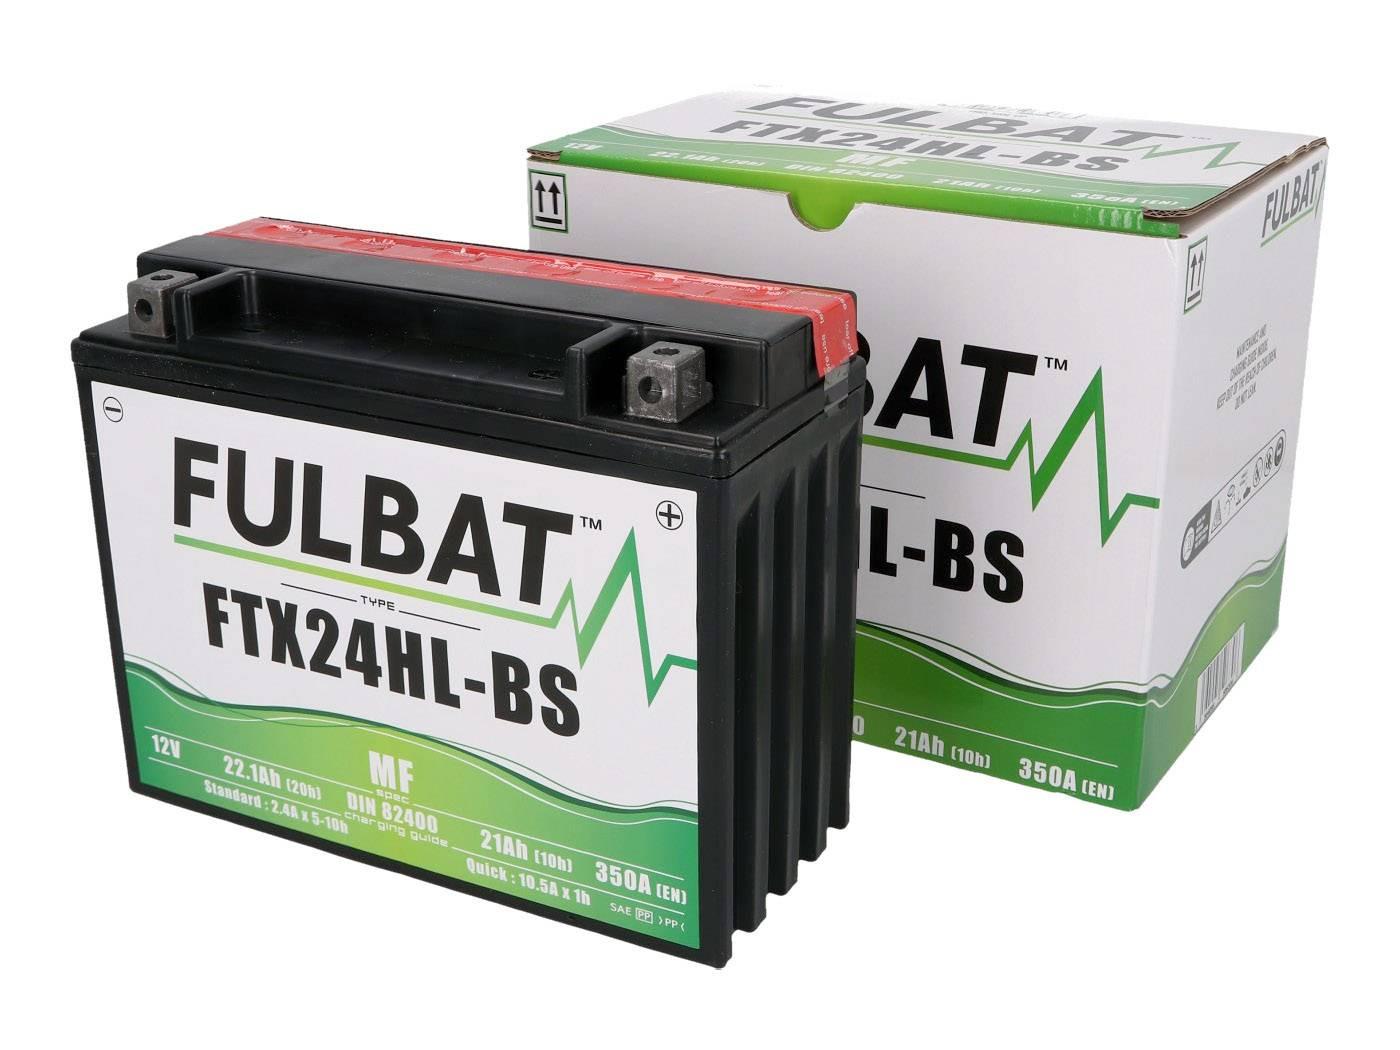 Fulbat FTX24HL-BS MF gondozásmentes akkumulátor